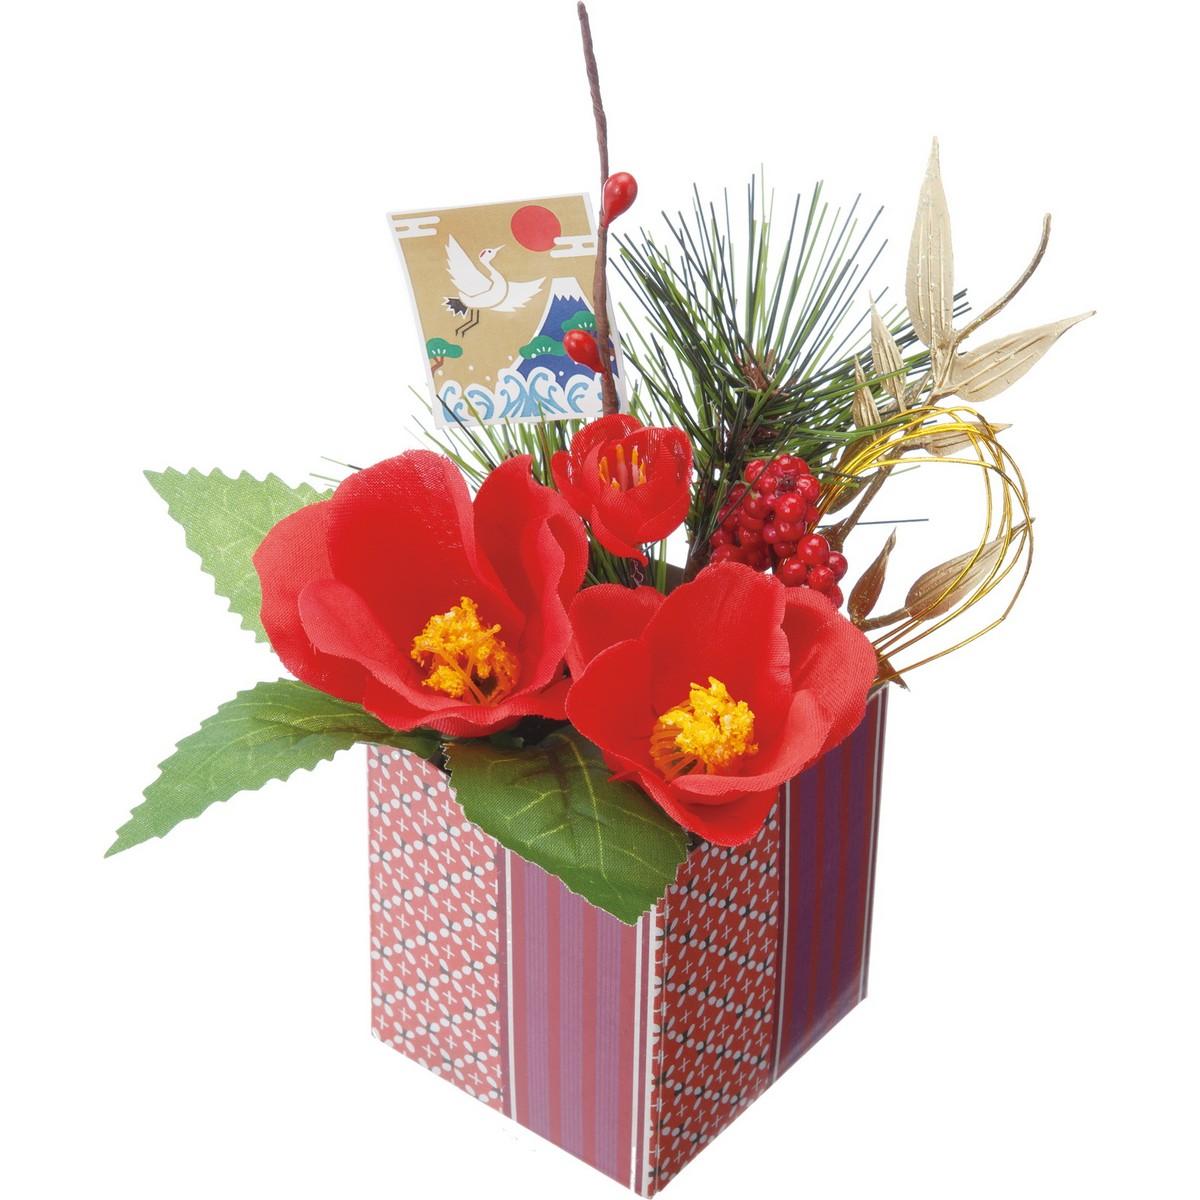 【造花】YDM/迎春アレンジポット椿 レッド ※2種類のいずれか1つ。お選びいただけません。/FS-5238-R【01】【01】【取寄】《 造花(アーティフィシャルフラワー) 造花ギフト フラワーアレンジ 》